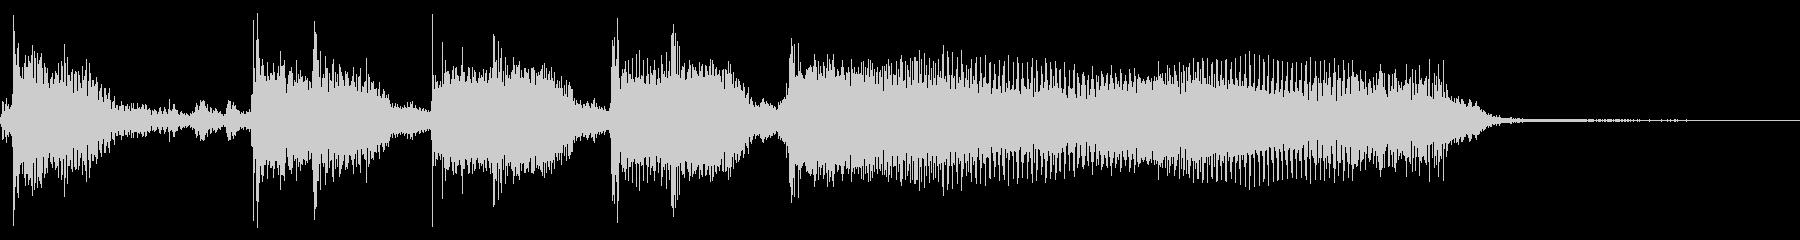 インパクトあるロックなジングル03の未再生の波形